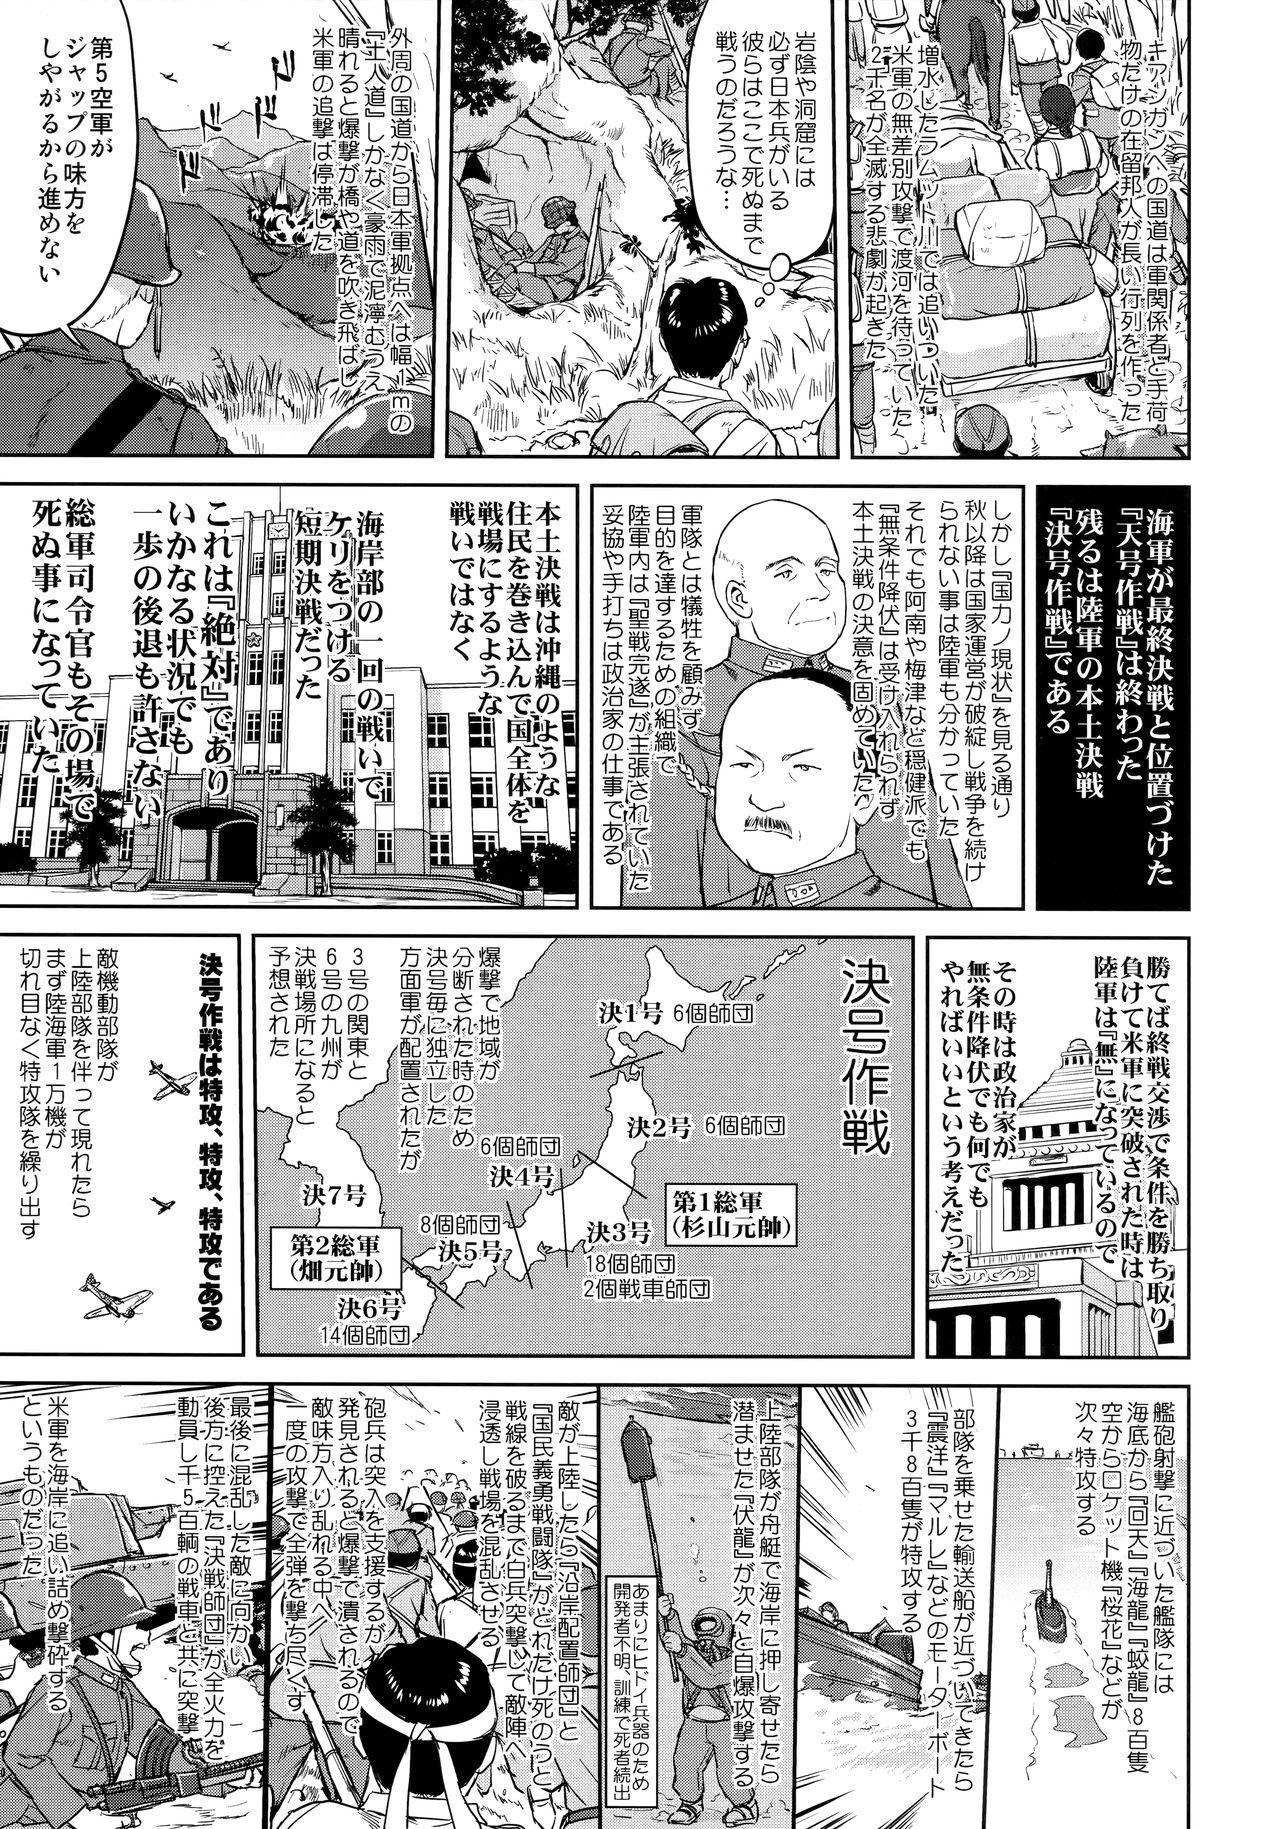 Teitoku no Ketsudan Kanmusu no Ichiban Nagai Hi 31